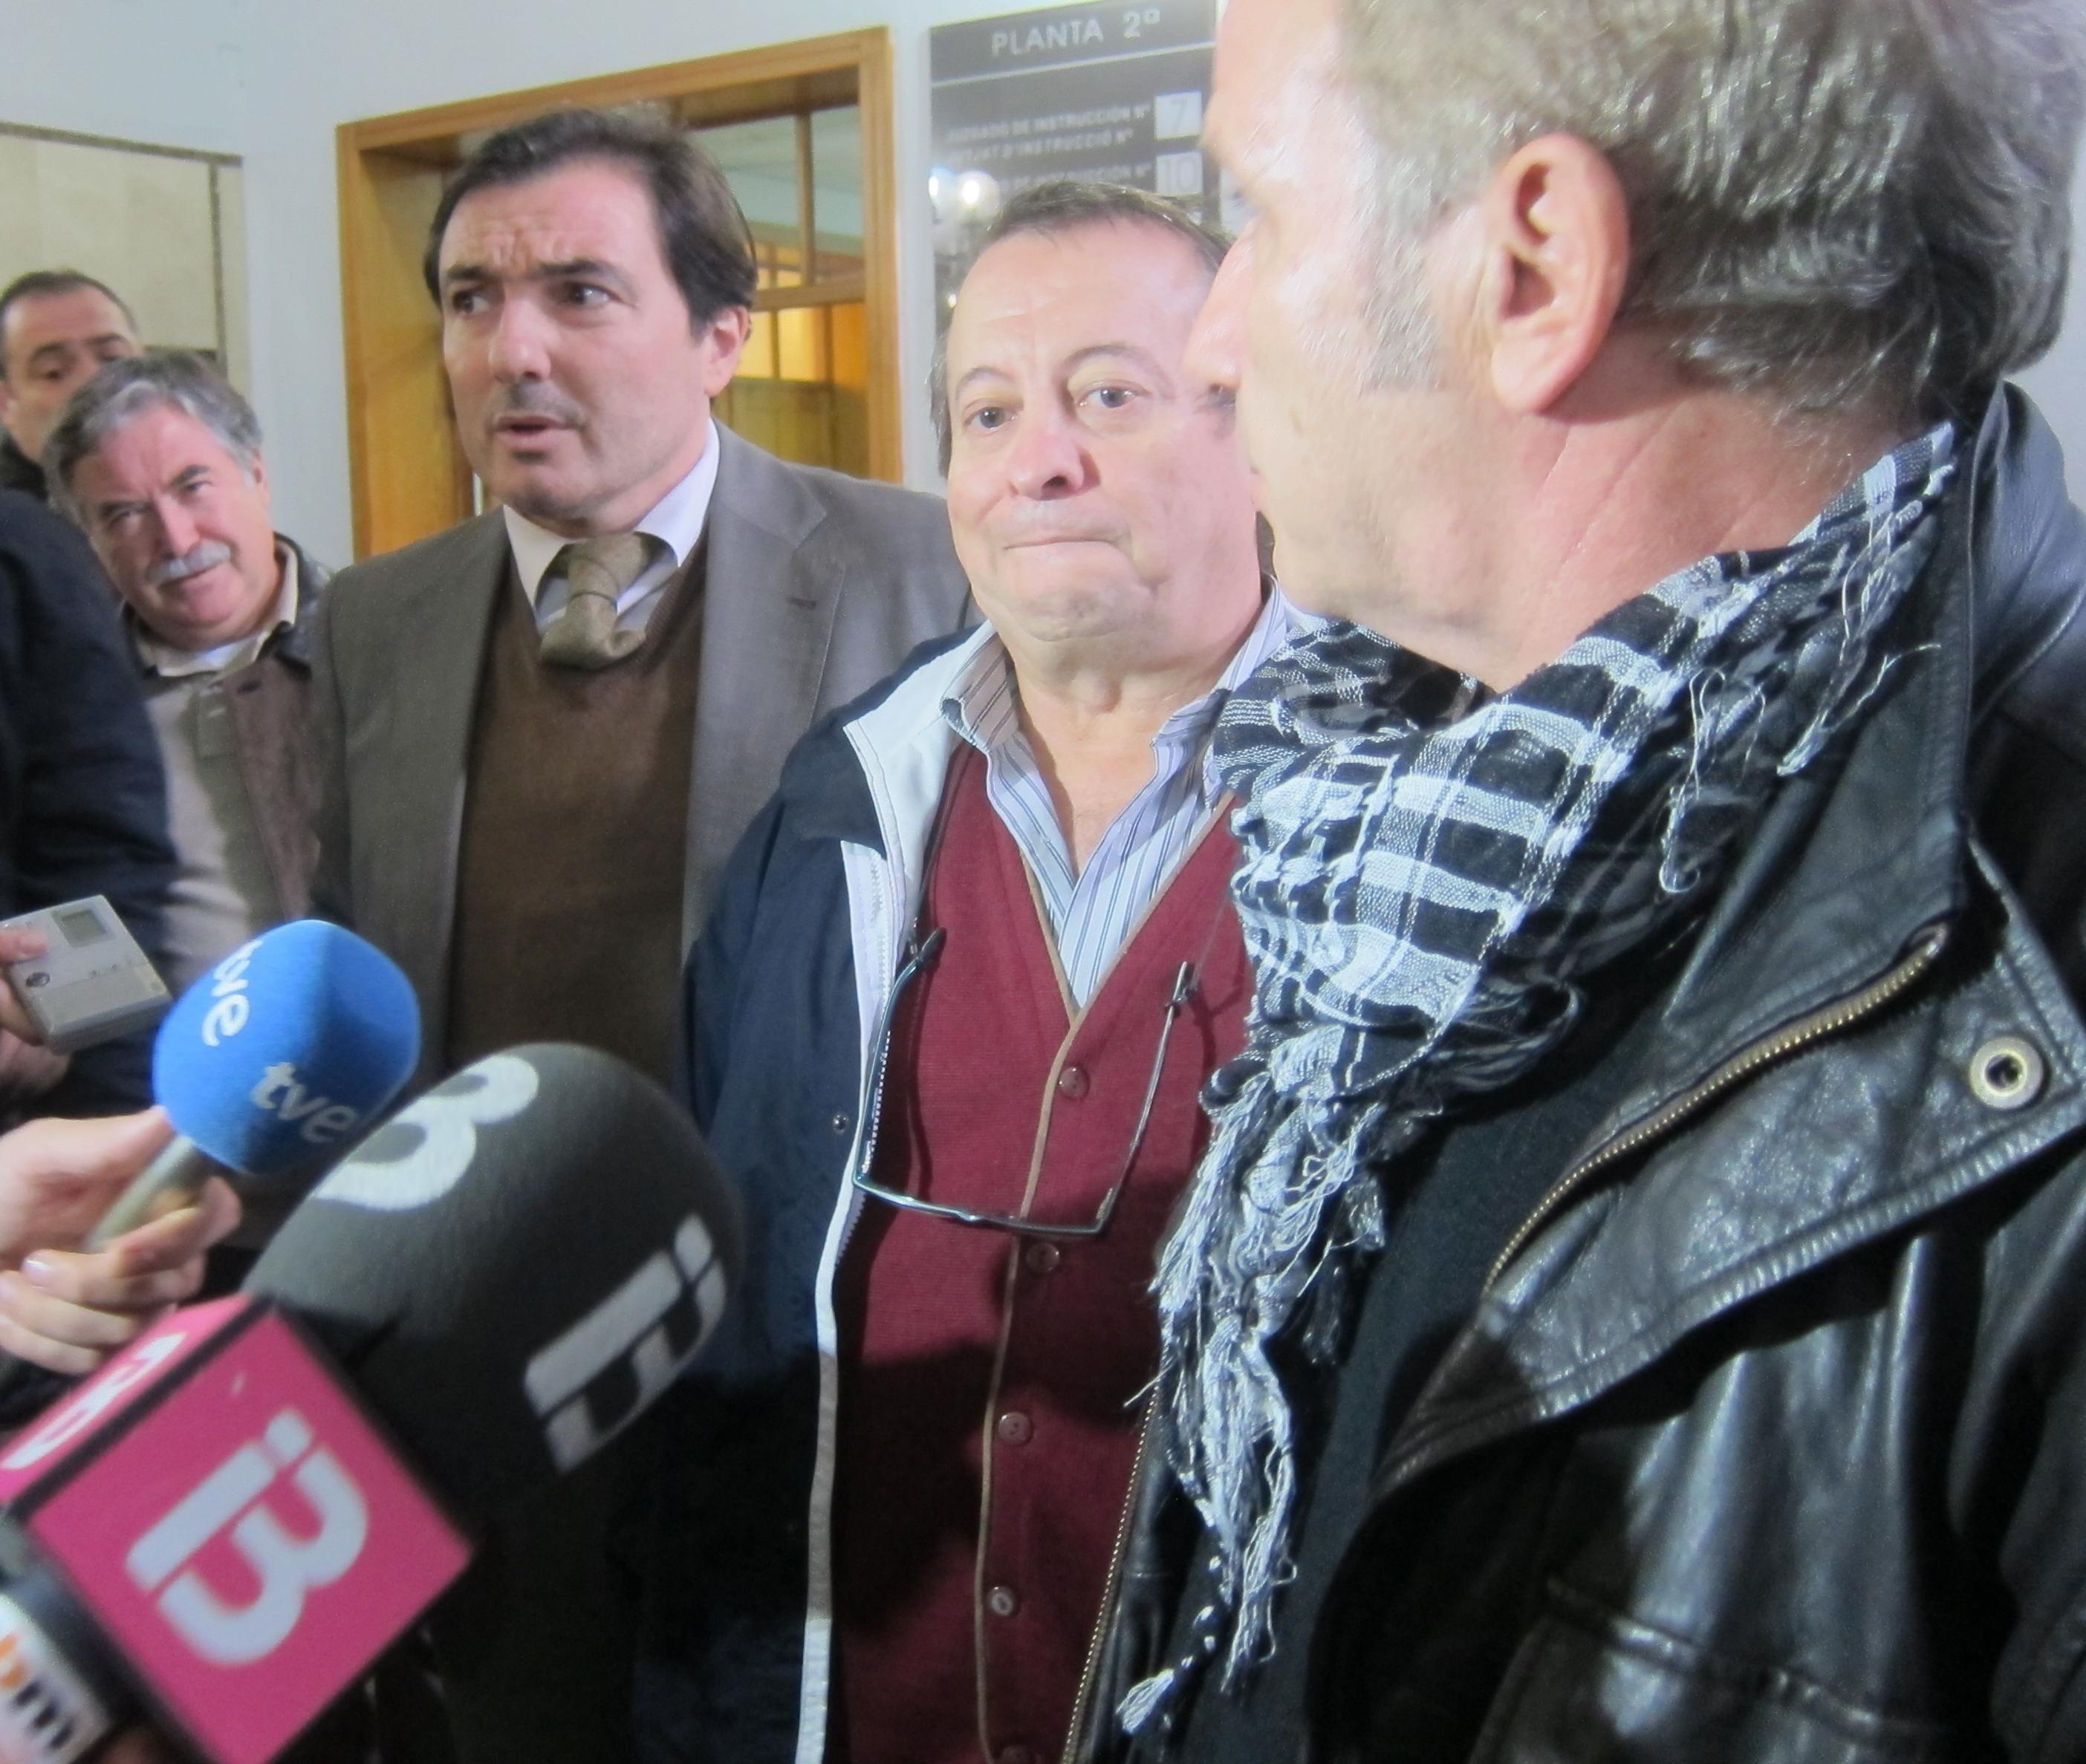 Lorenzo Bravo subraya que volvería a llamar «fascista» a Bauzá y a decirle «cuatro frescas más»